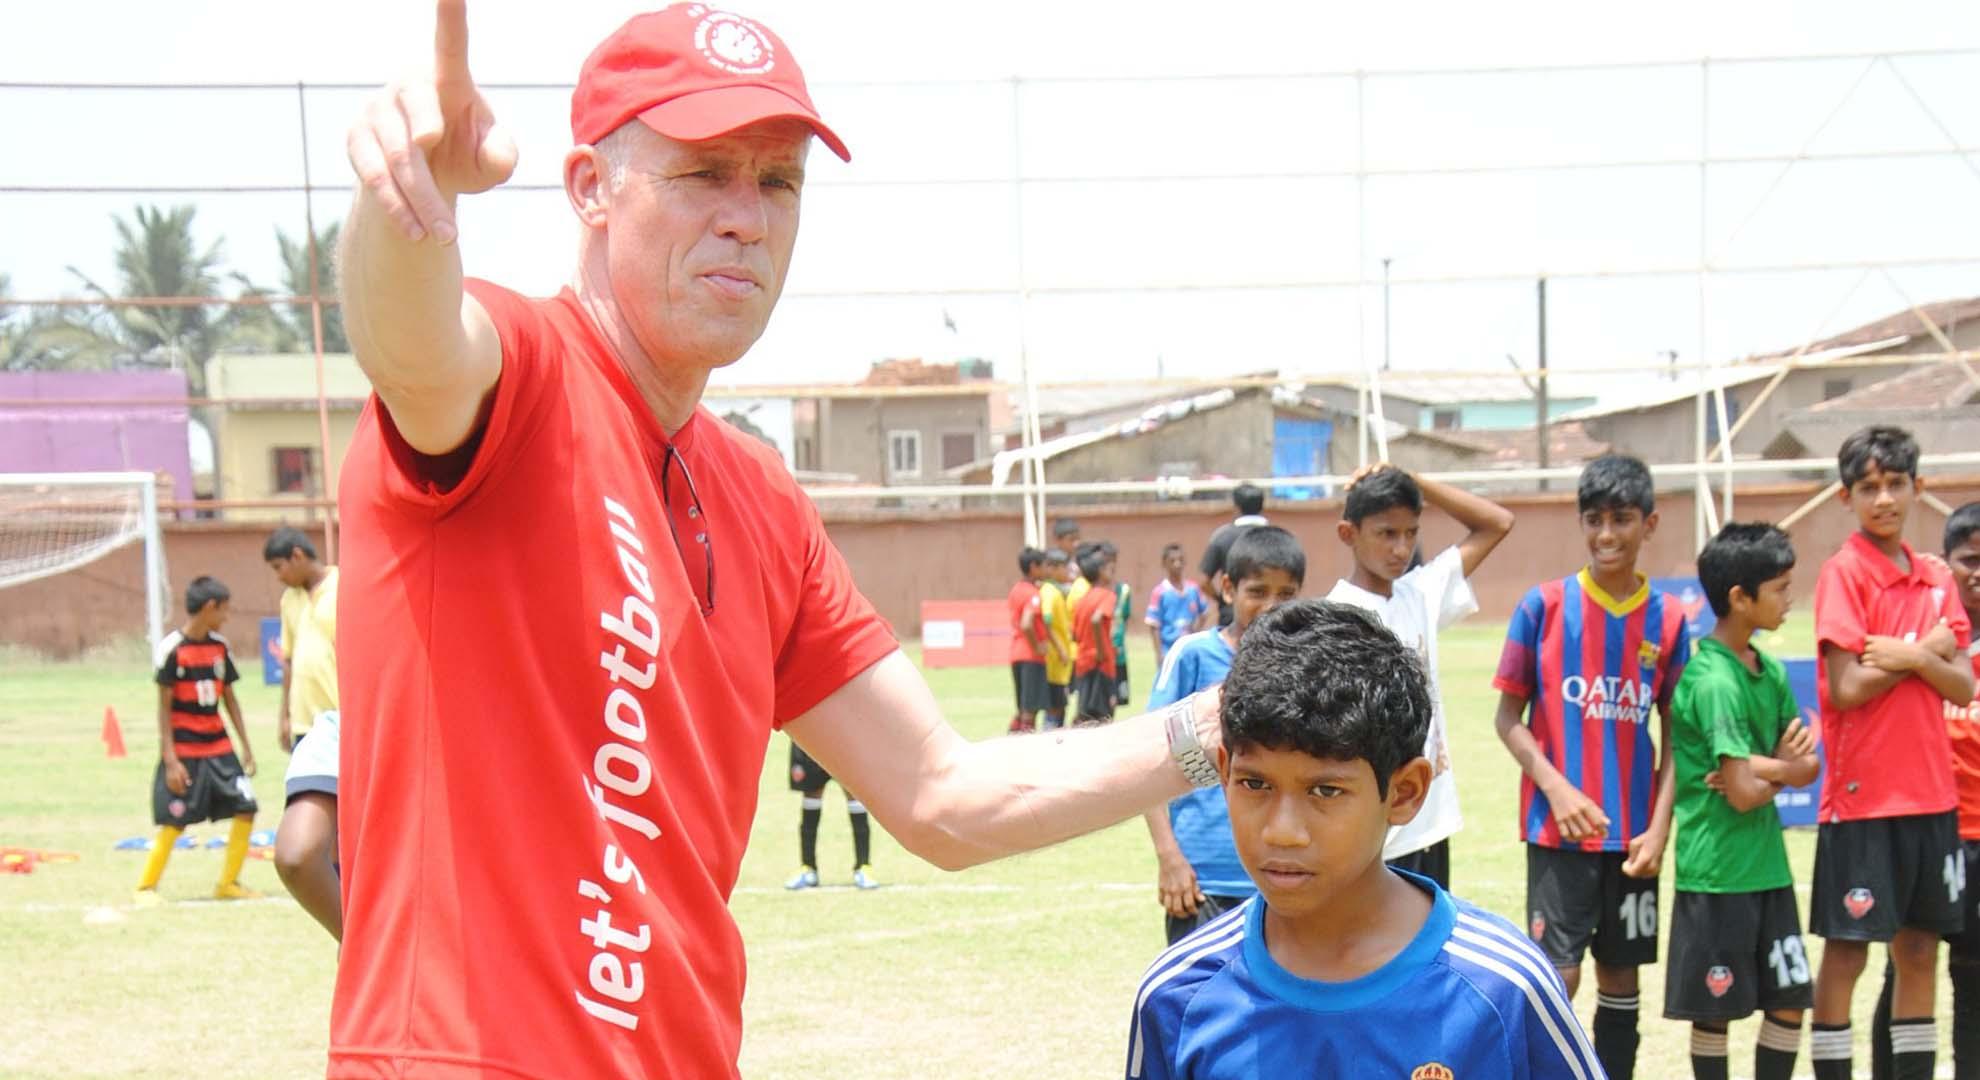 Piet Hubers FC Goa Grassroots Development Programme